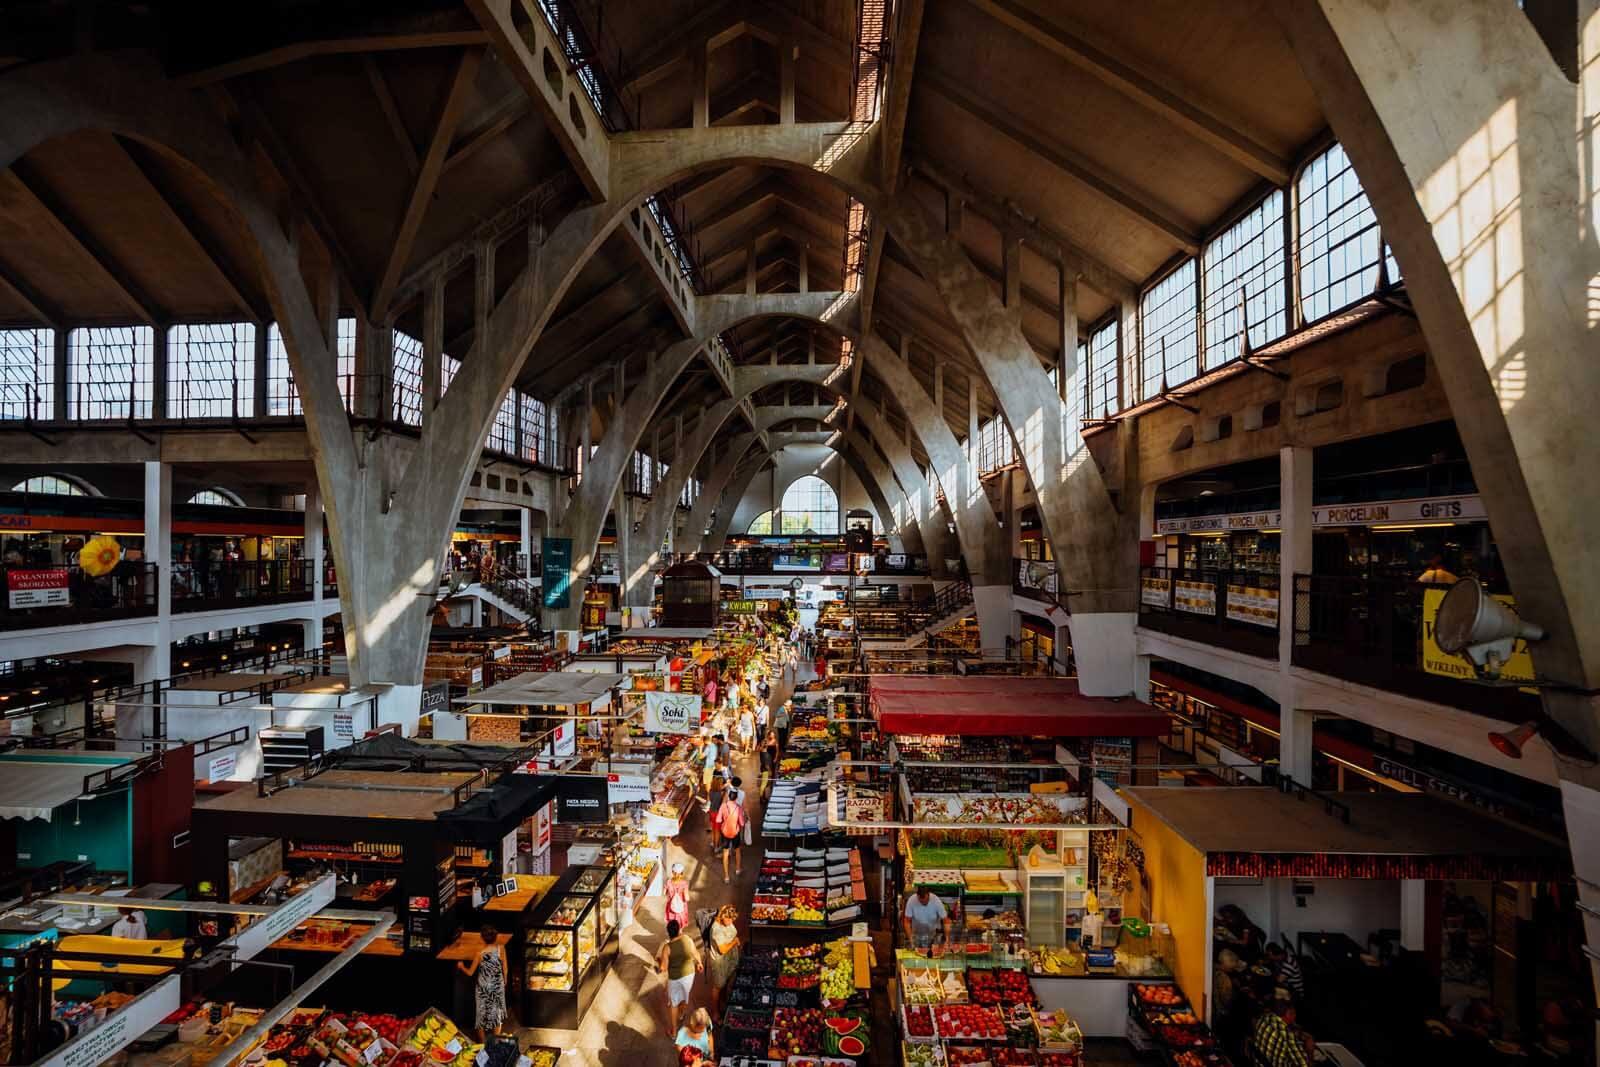 Hala Targowa Market inside in Wroclaw